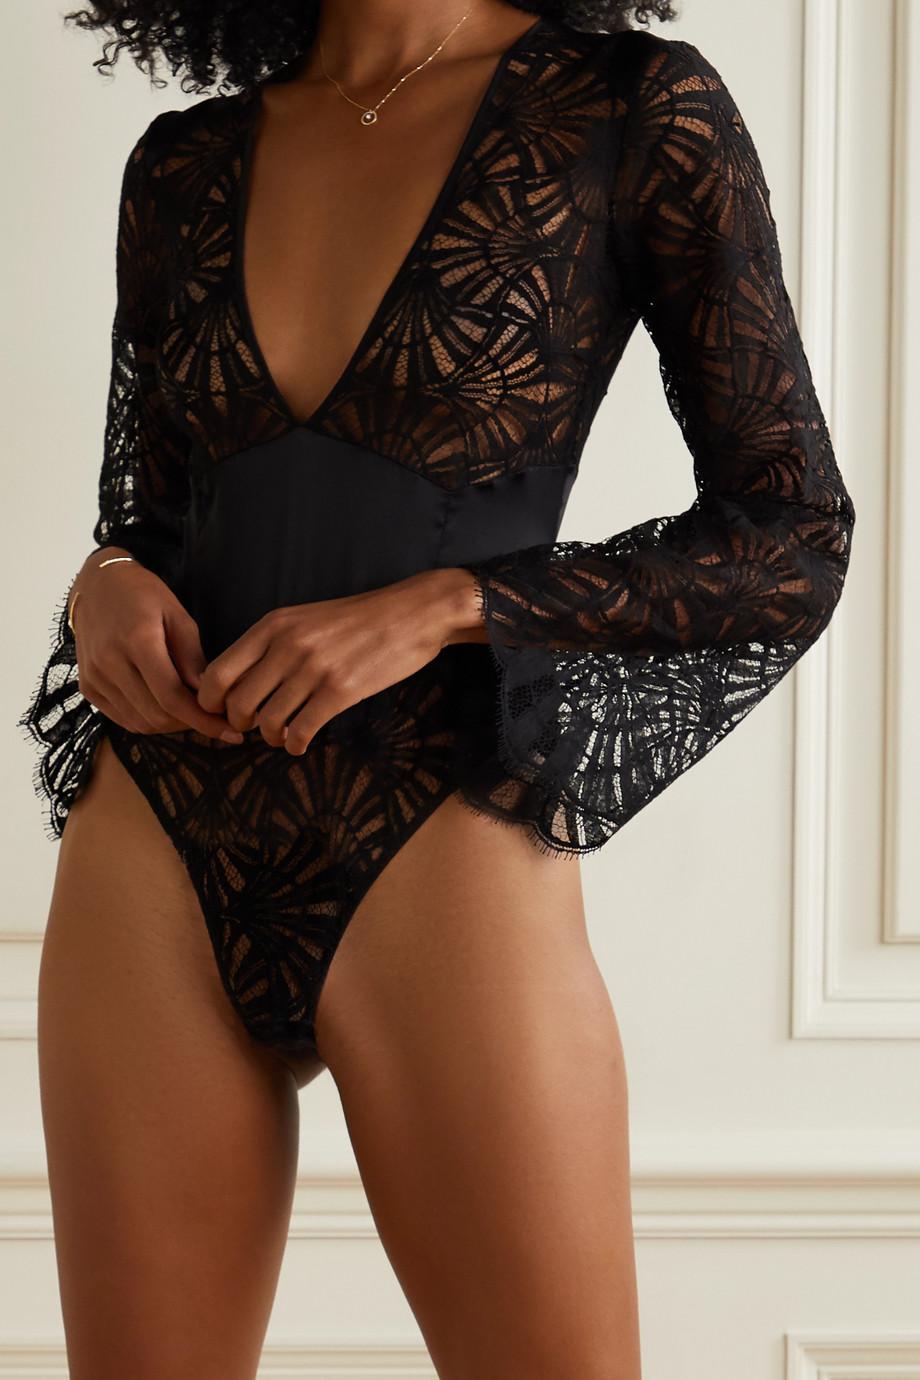 Coco de Mer Fuji cutout satin-trimmed lace thong bodysuit